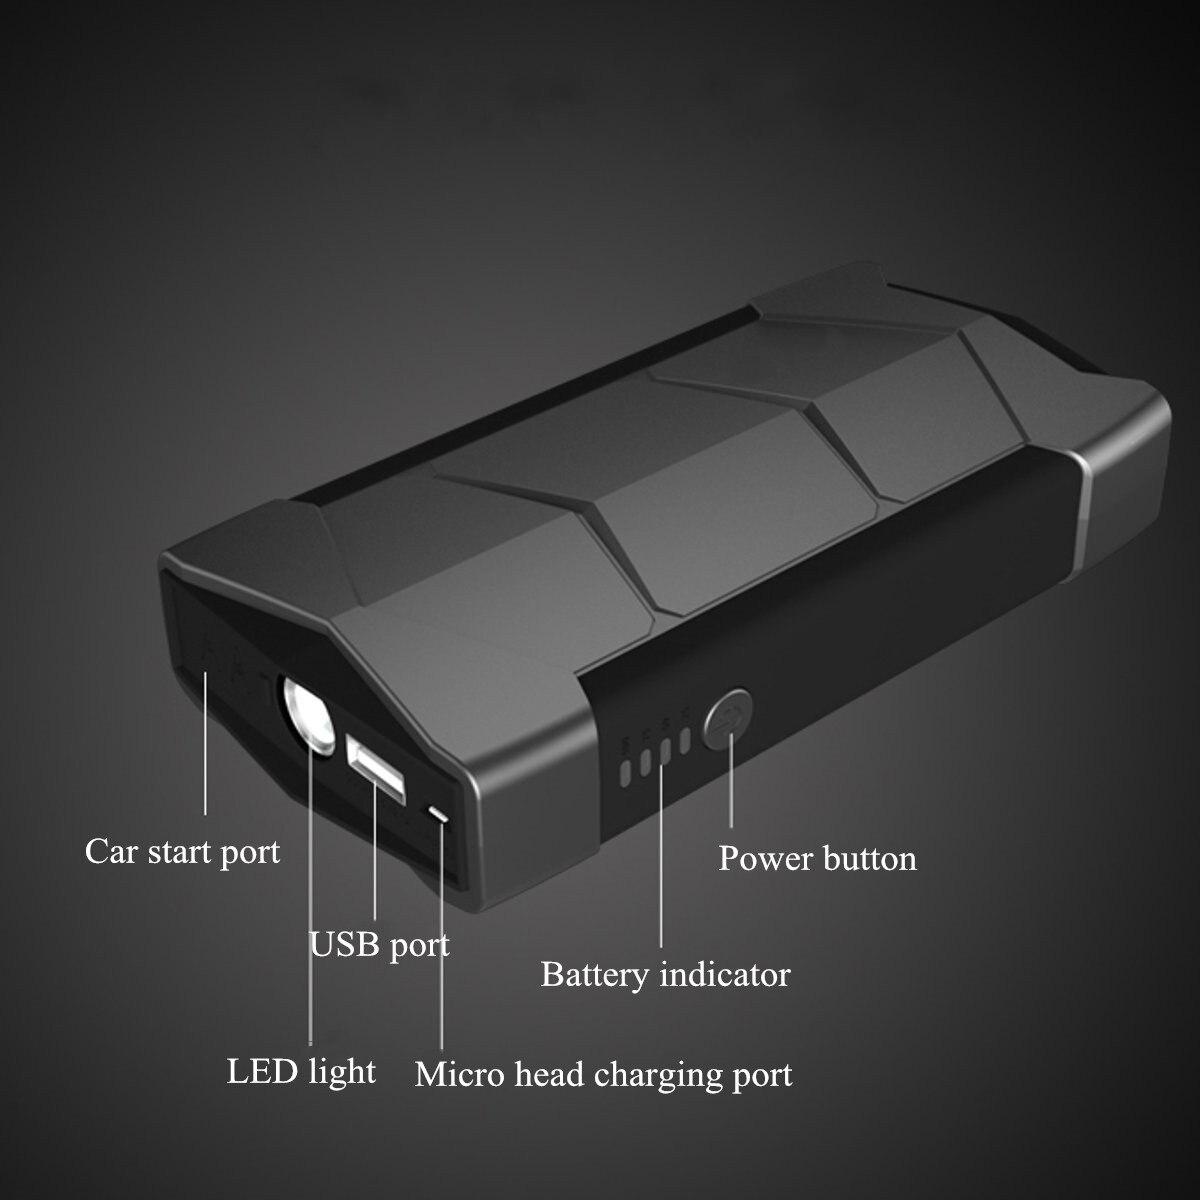 Haute Capacité 68800 mAh Voiture Saut Starte 400A 12 V Portable batterie externe De Voiture Démarreur pour la voiture amplificateur de batterie Chargeur Dispositif de Démarrage - 5